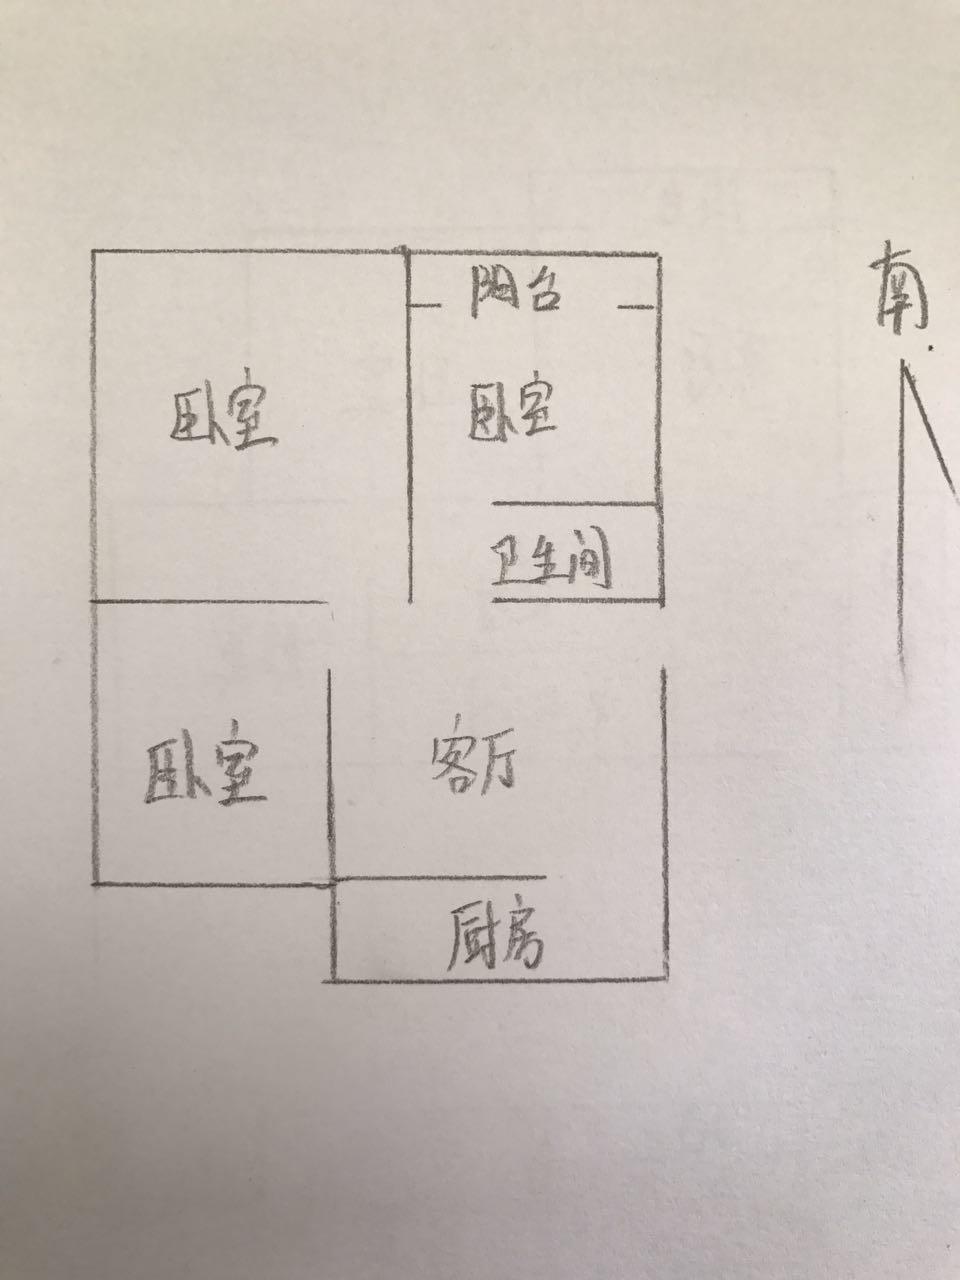 北园小区 3室1厅 4楼